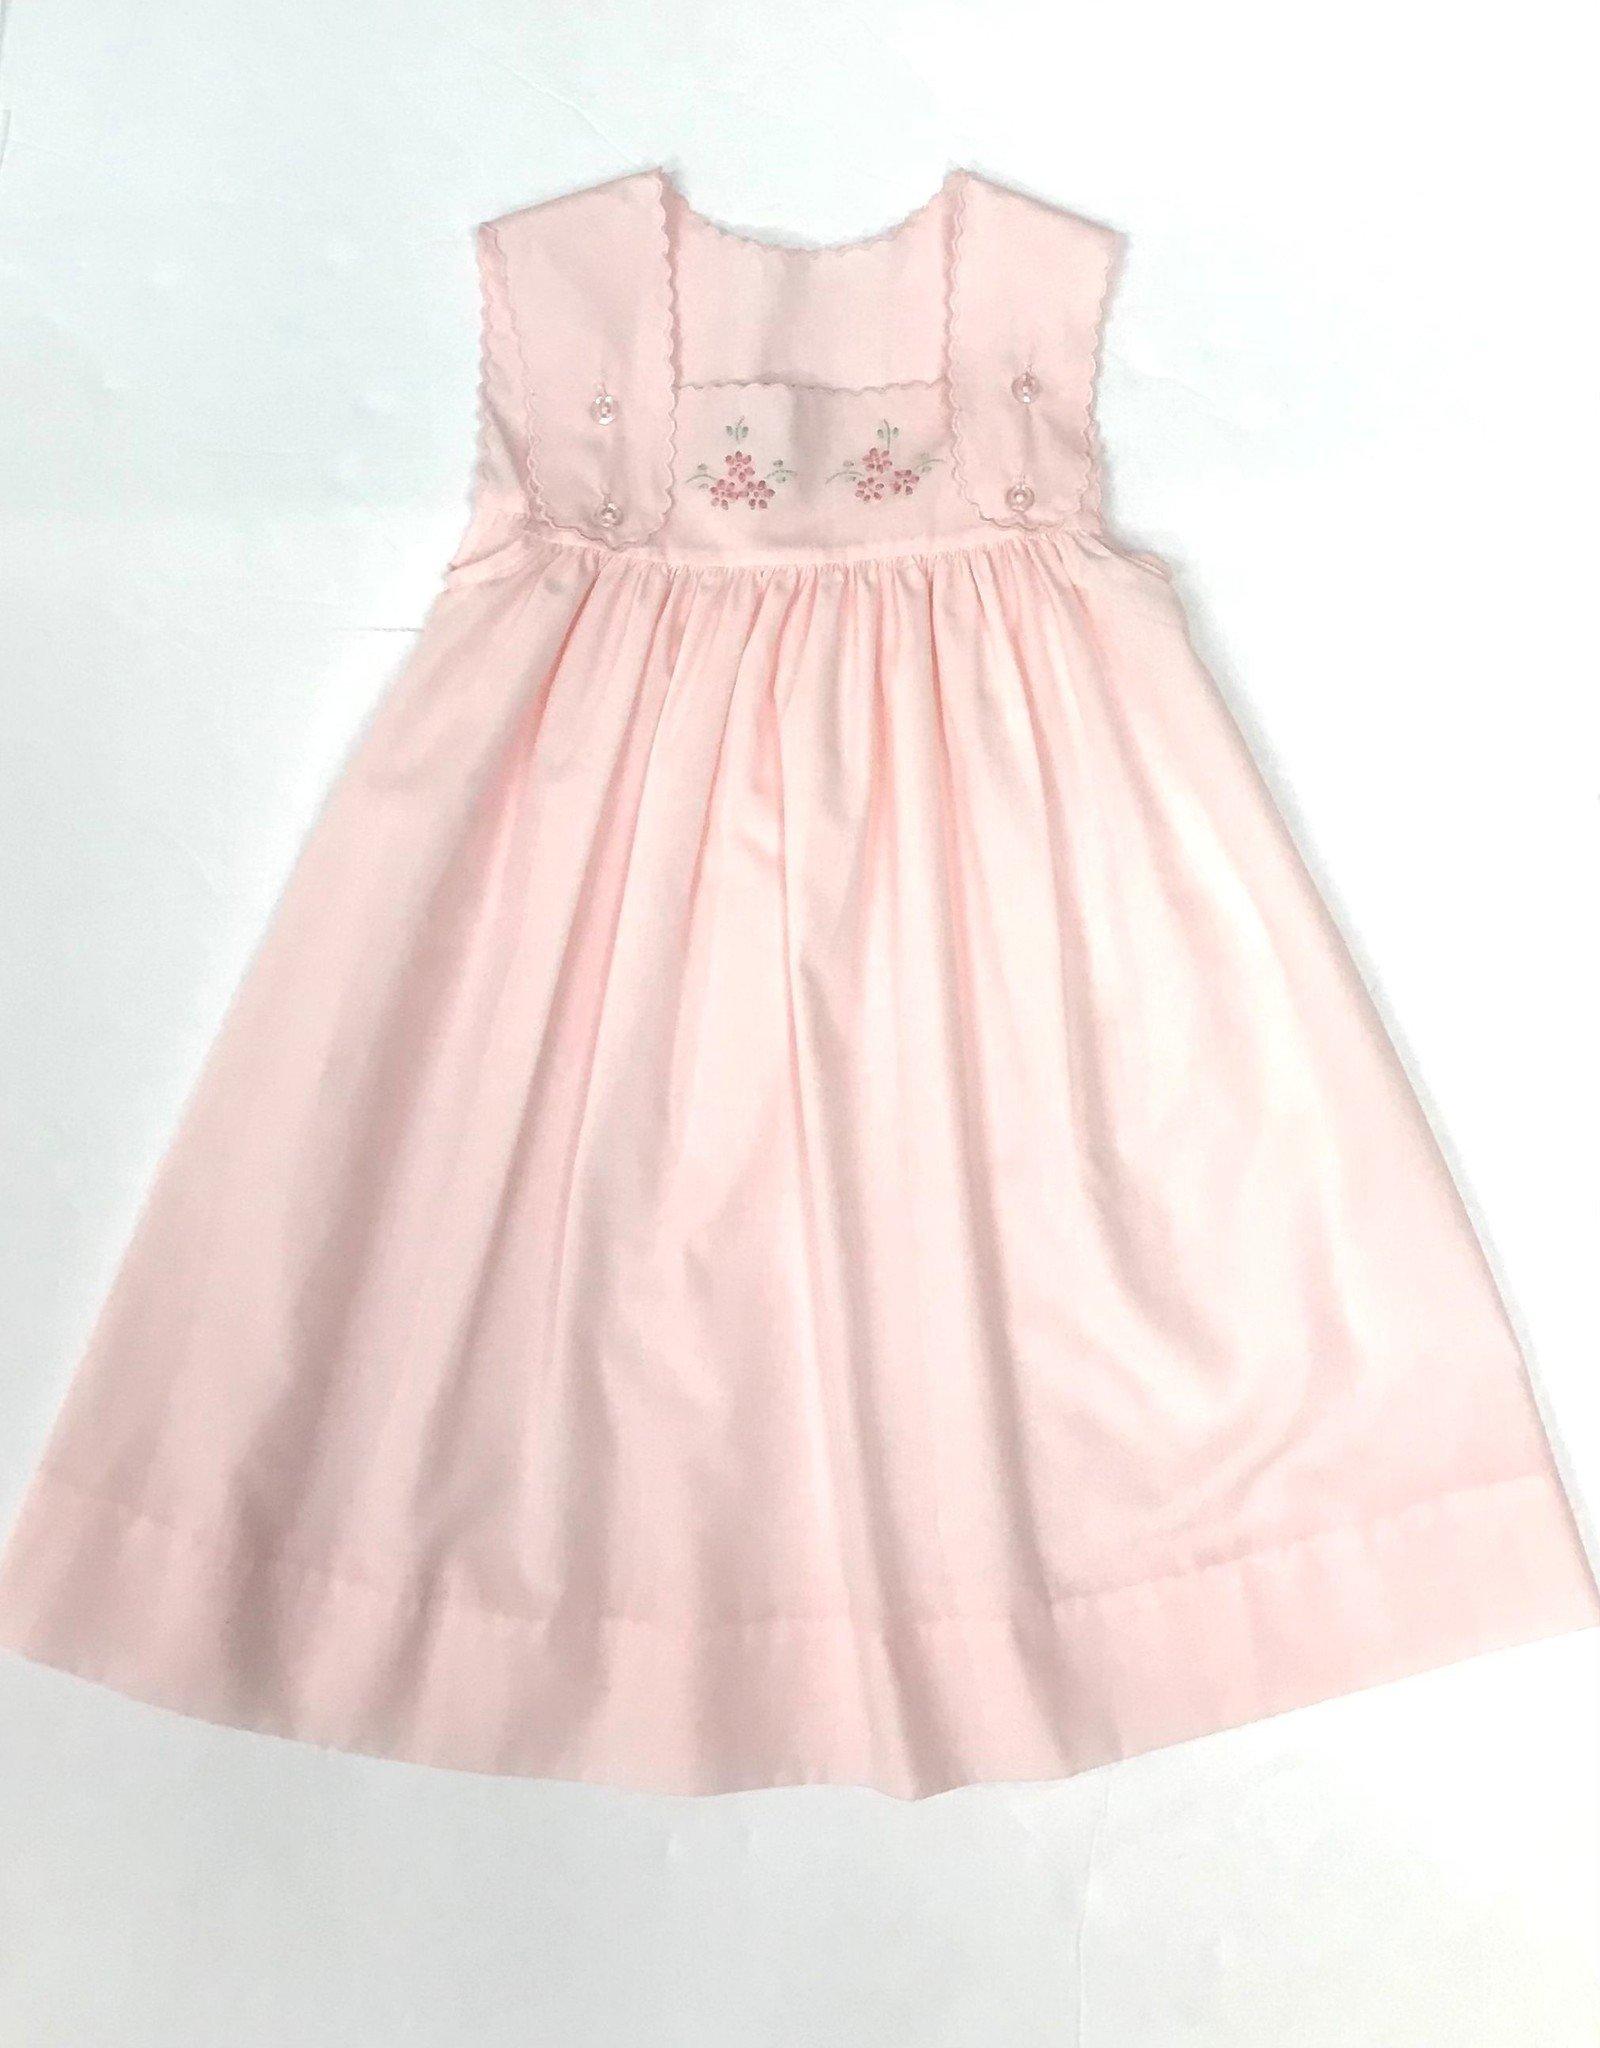 Auraluz Pink Dress w/ Flower Embroidery